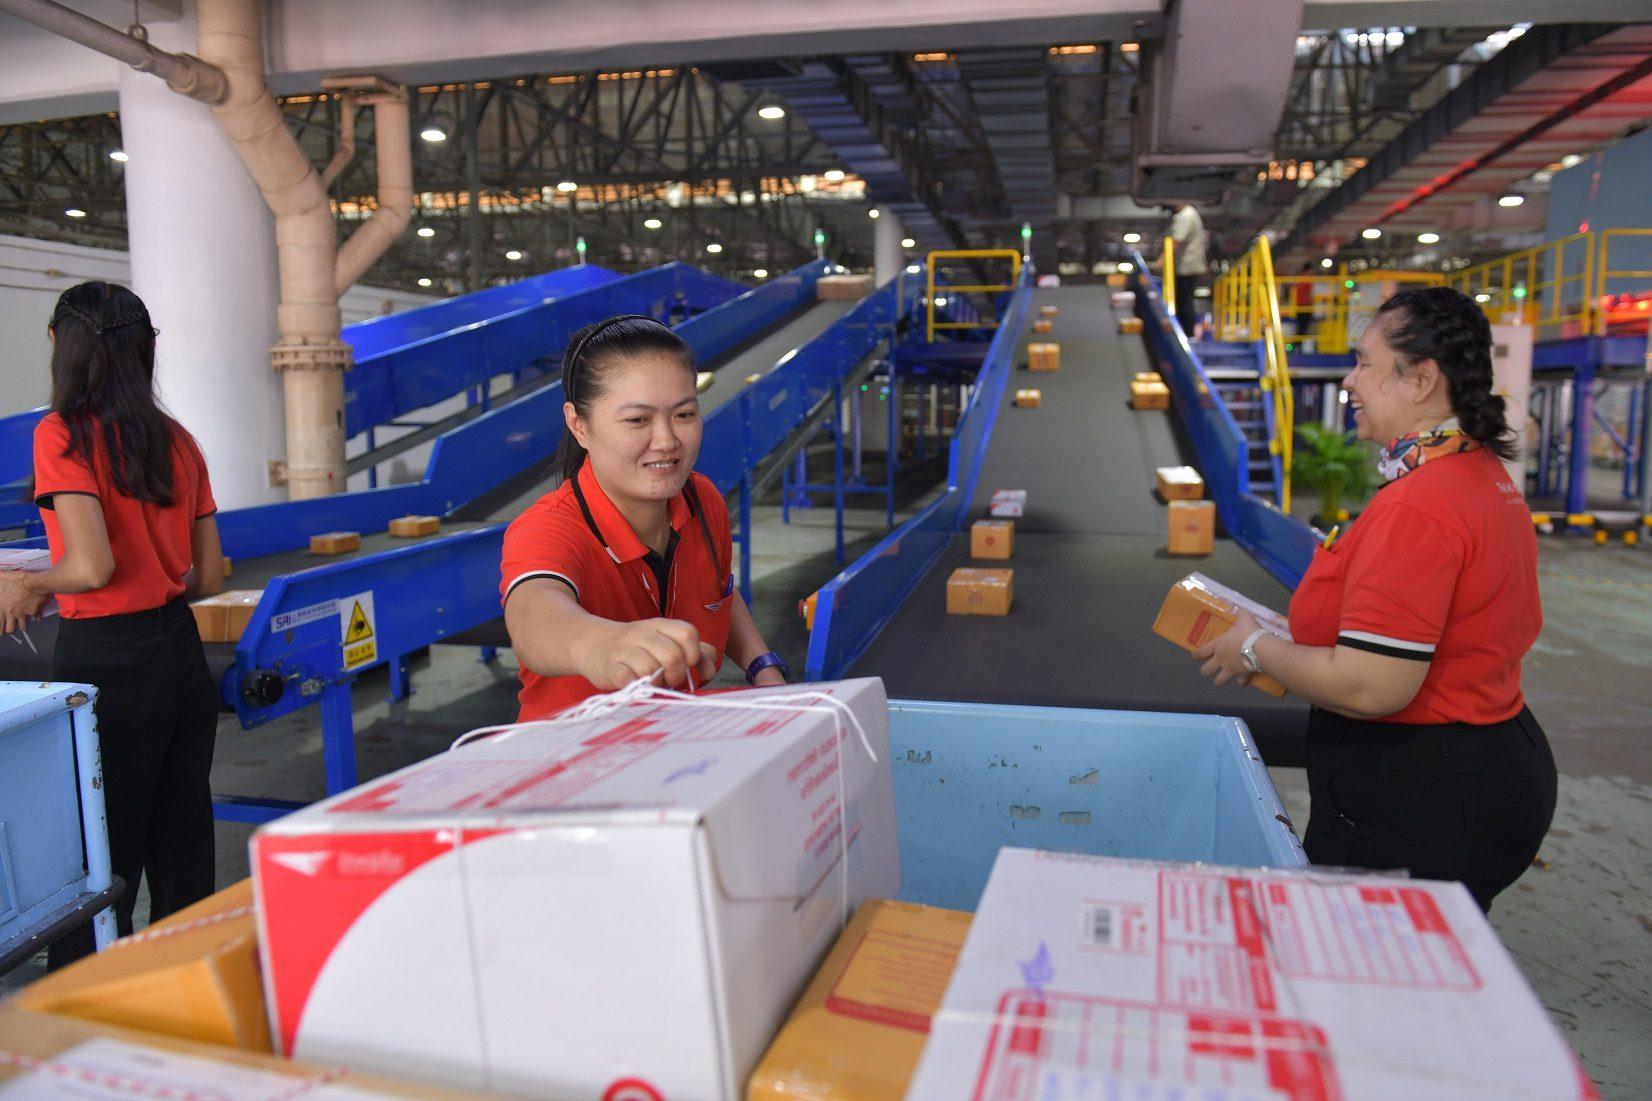 แง้ม 5 แนวคิด 'ไปรษณีย์ไทย' เคียงข้างคนไทยท่ามกลางโควิด-19